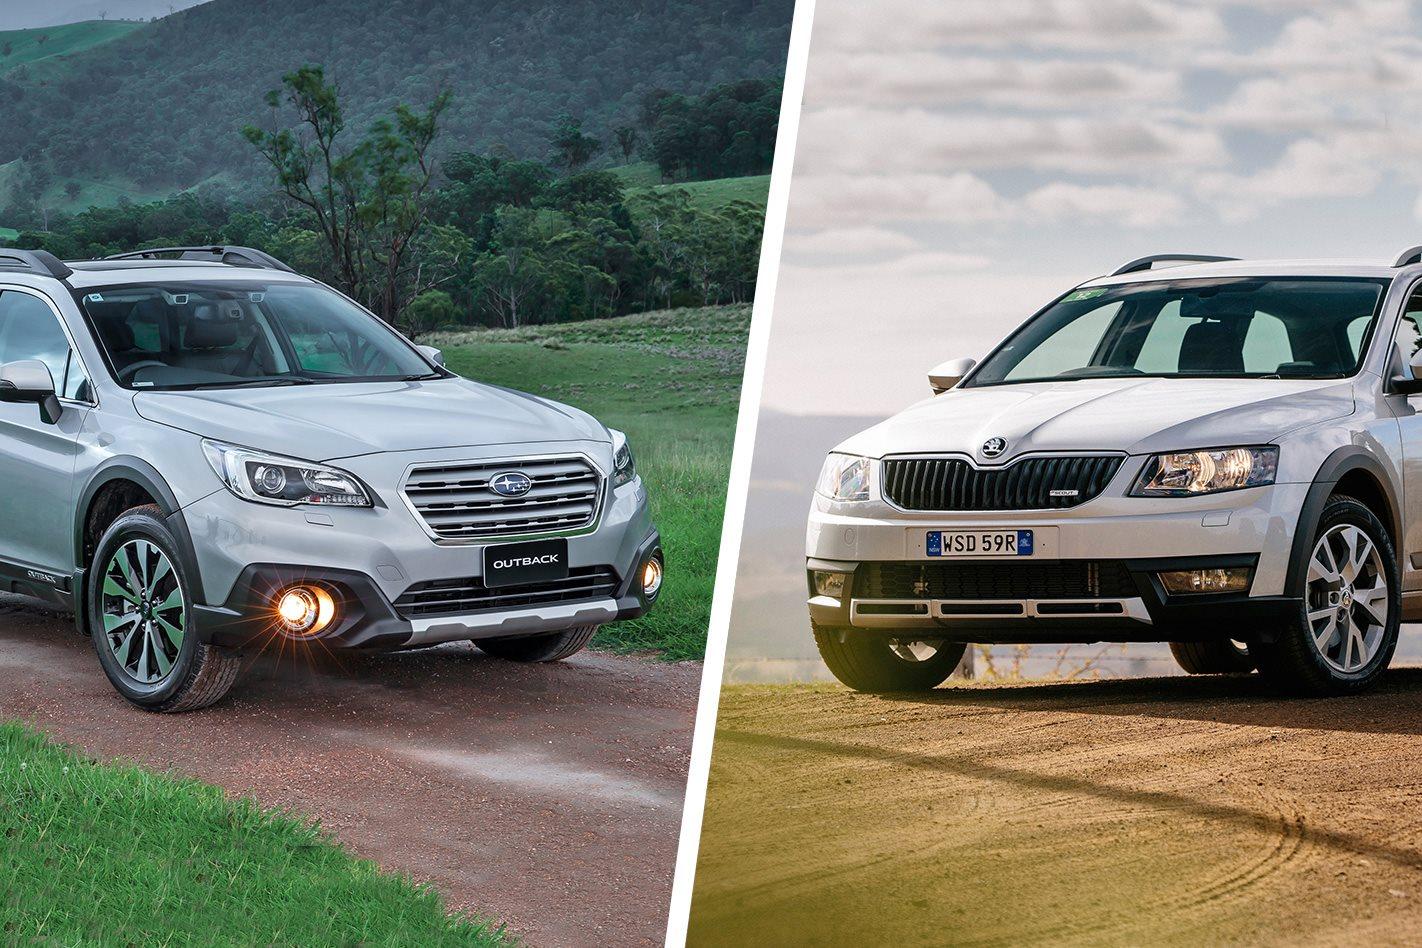 Subaru Outback vs